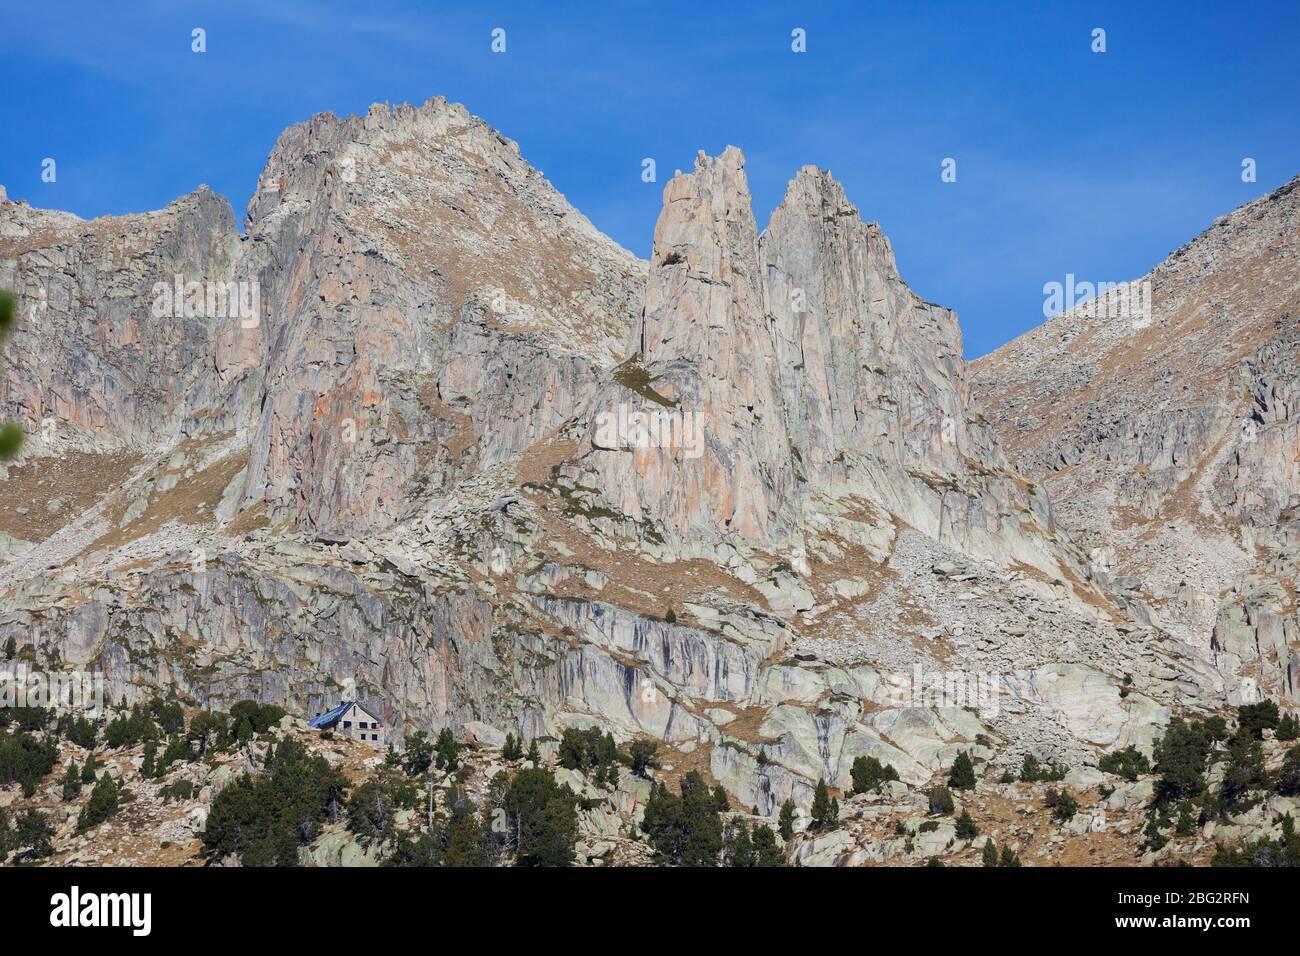 Refuge Refugi d'Amitges / Amitges. PN d'Aigüestortes i Estany de Sant Maurici. Pyrénées, Catalogne S(pain, Europe) Banque D'Images